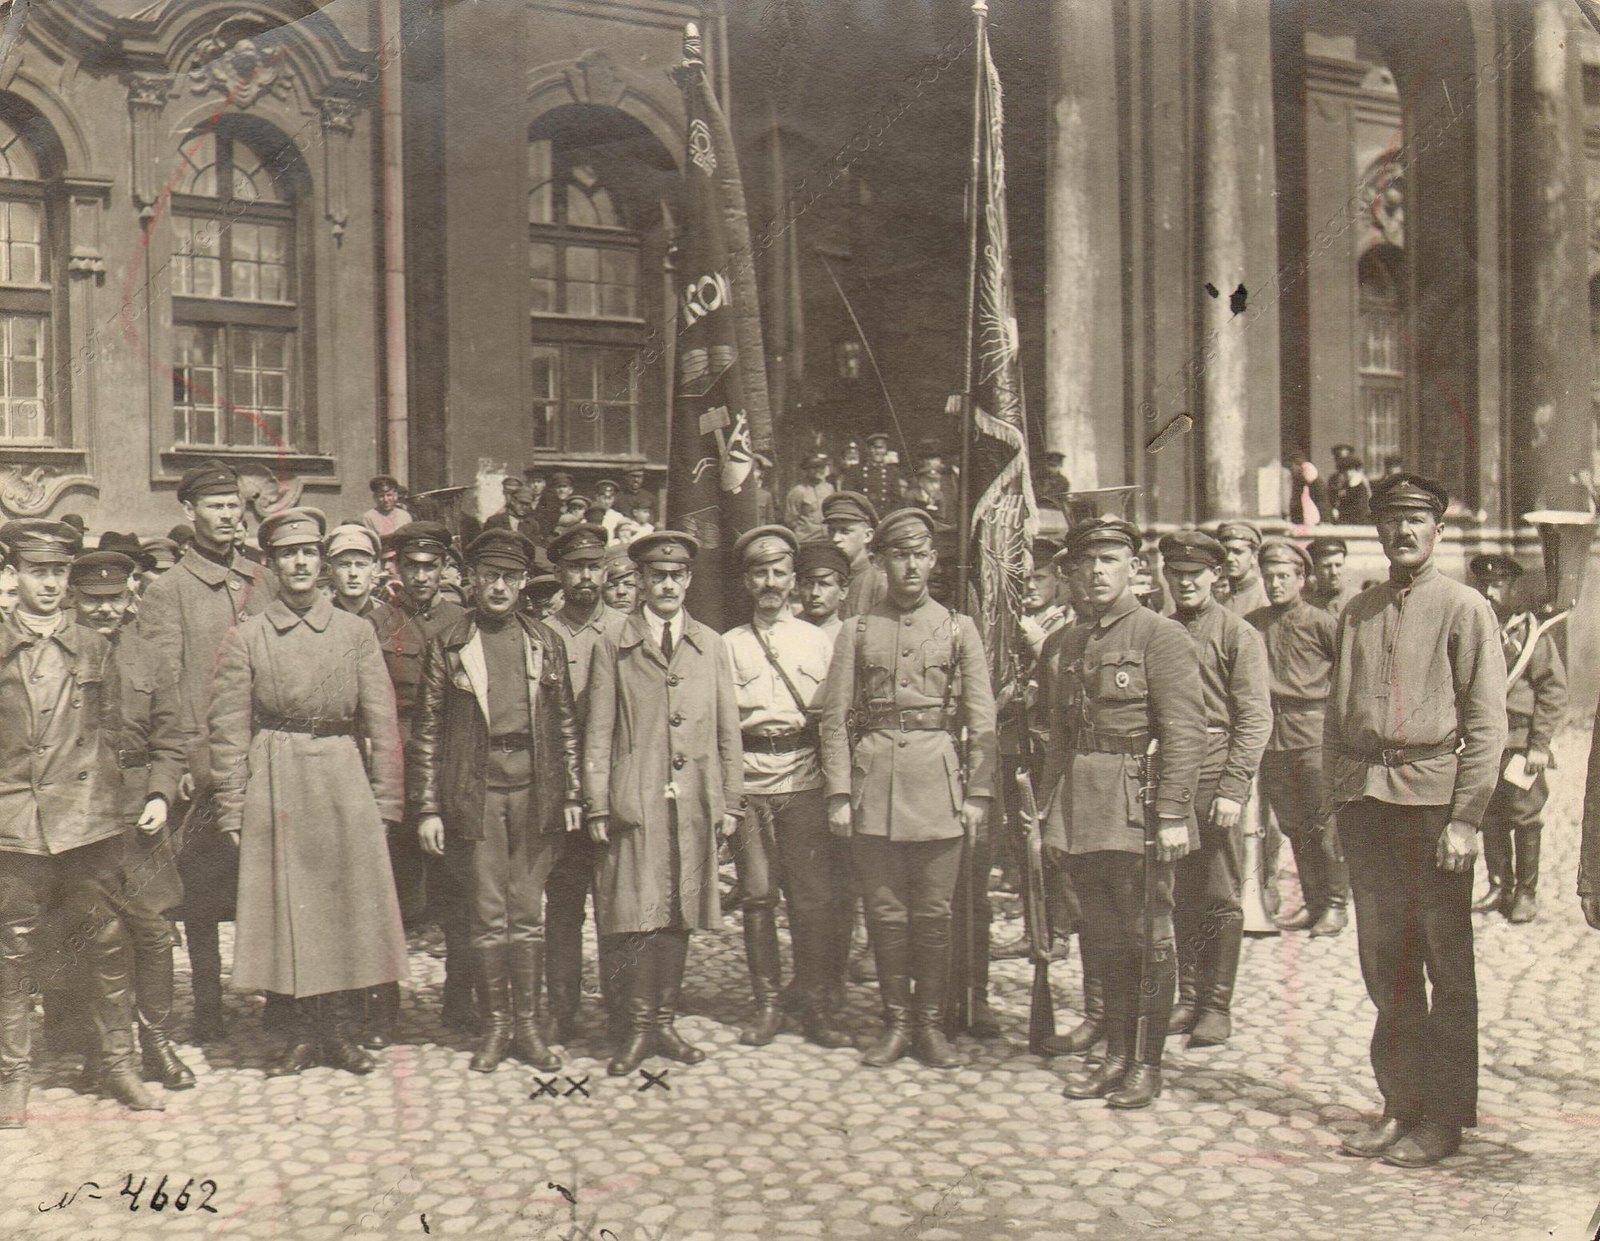 1919. Командный состав 6-го стрелкового полка во главе с комиссаром по военным делам Исаковым со вновь полученным красным знаменем перед отправкой на фронт